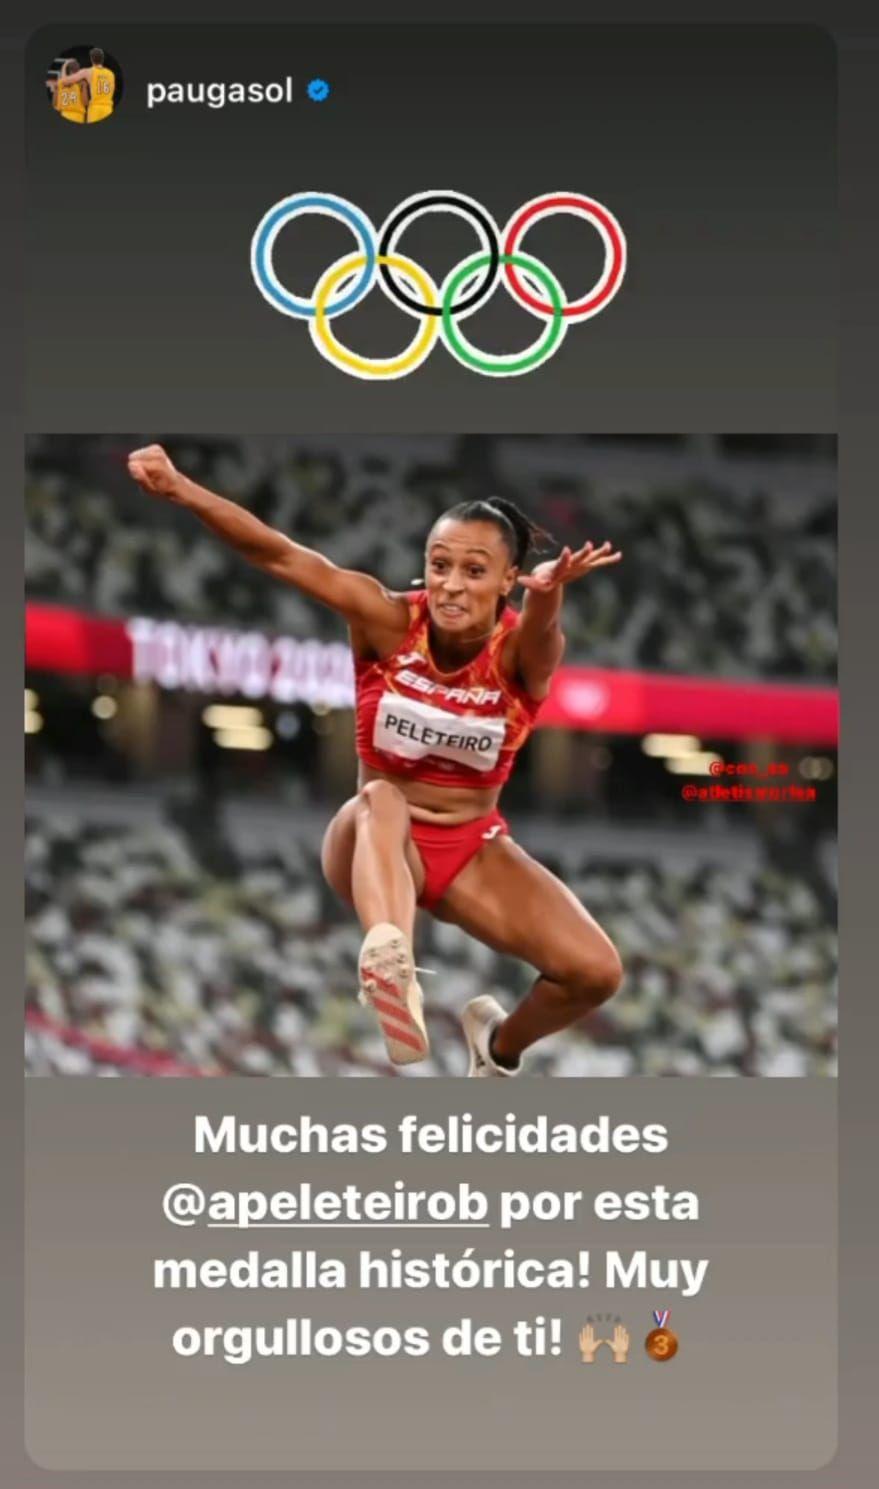 Pau Gasol, acostumbrado al triunfo, también la felicitó.